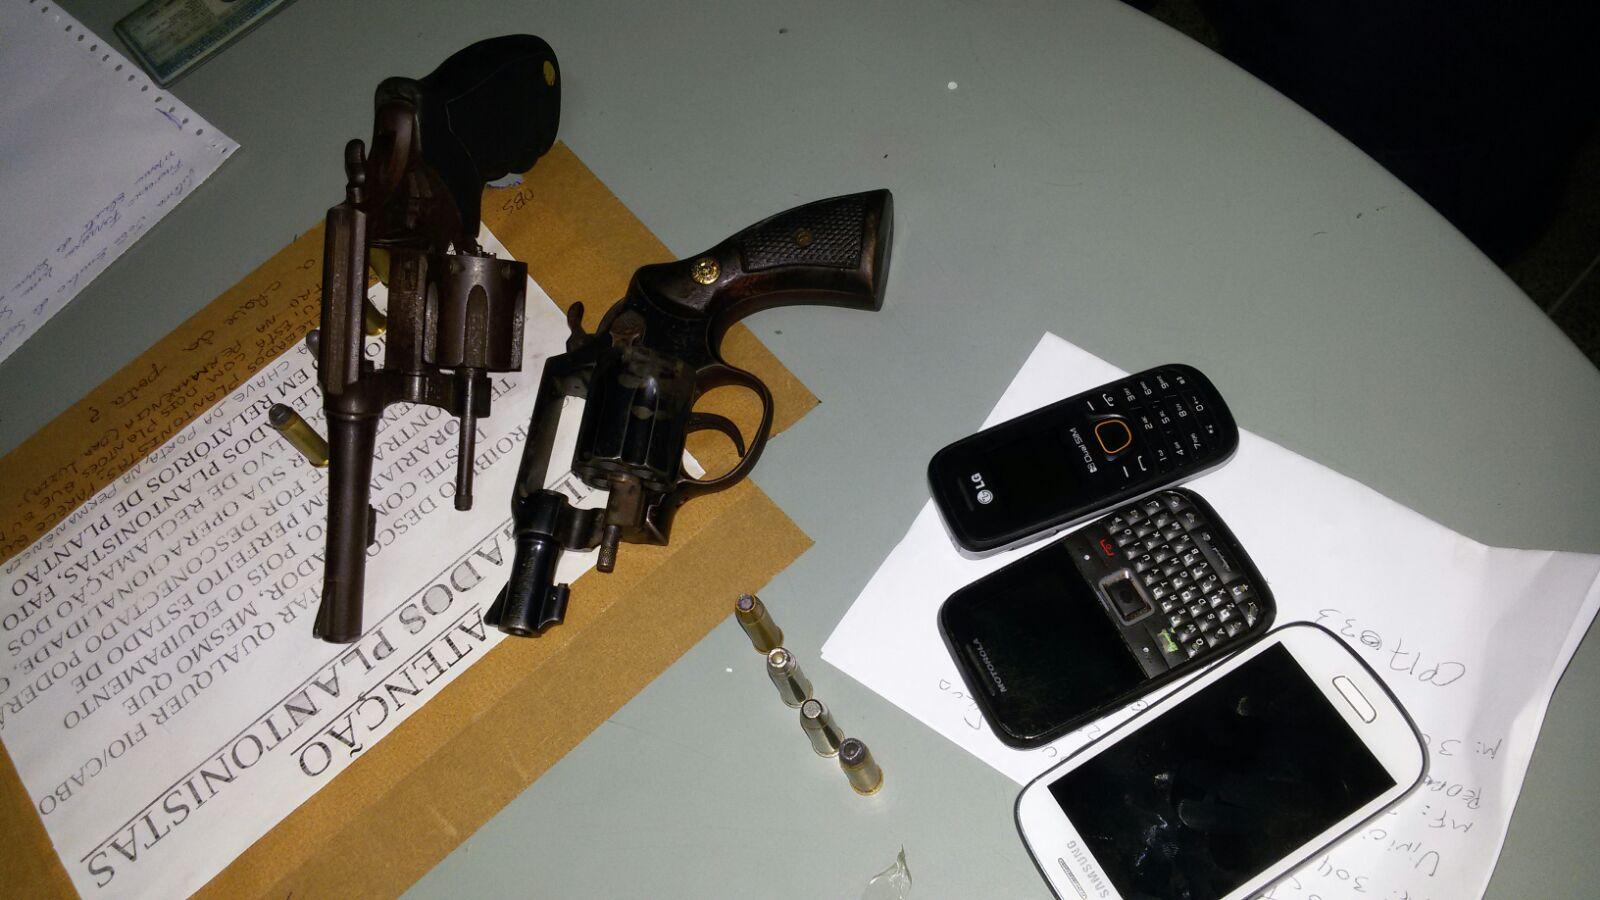 A polícia descobriu conversas em áudio entre os infratores pelo aplicativo Whatsapp. O trio foi encaminhado à delegacia e todos foram autuados em flagrante por extorsão (FOTO: Divulgação/SSPDS)